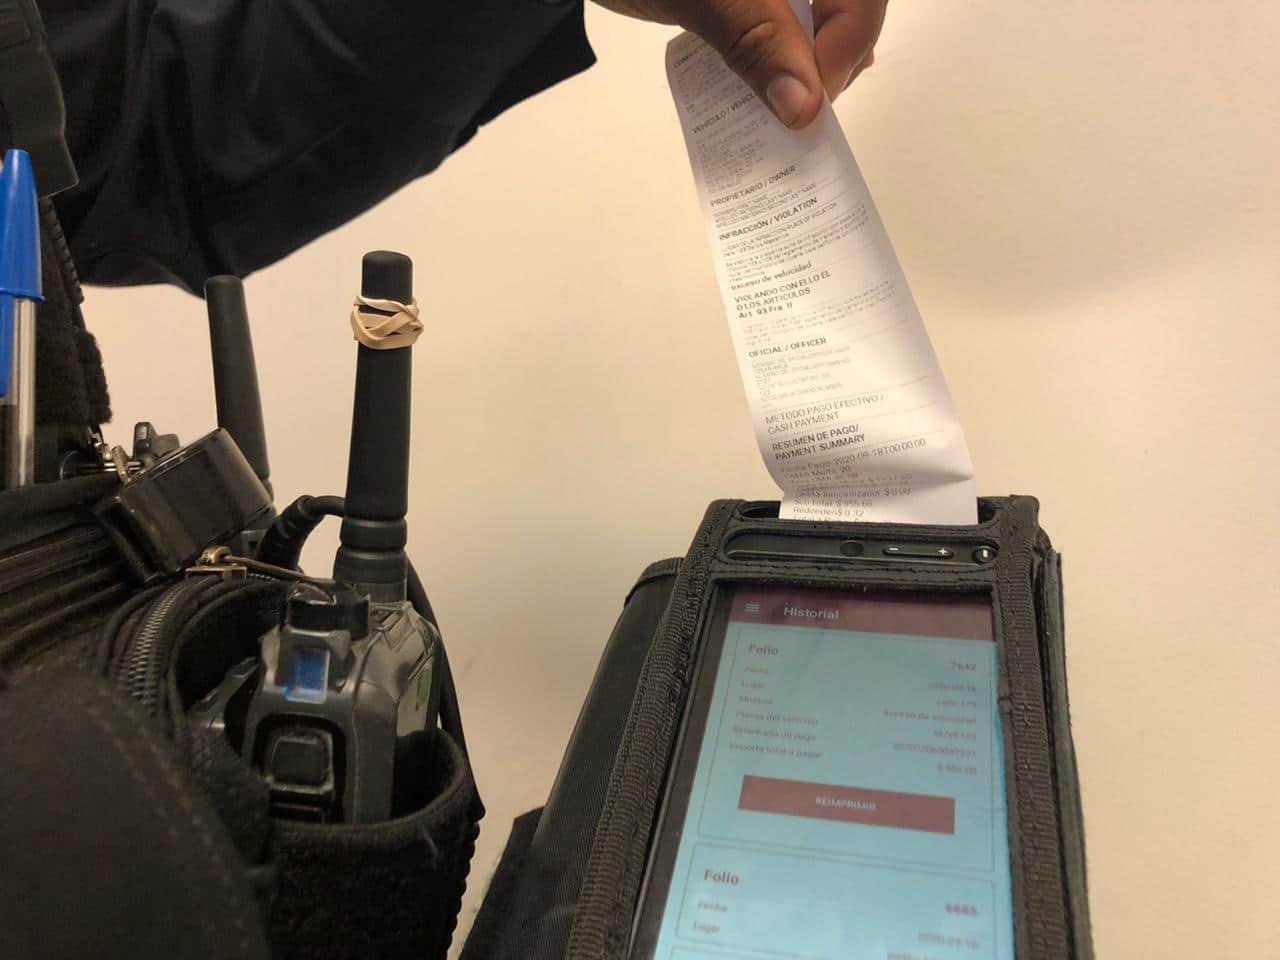 implementan-dispositivos-electronicos-para-aplicar-multas-de-transito